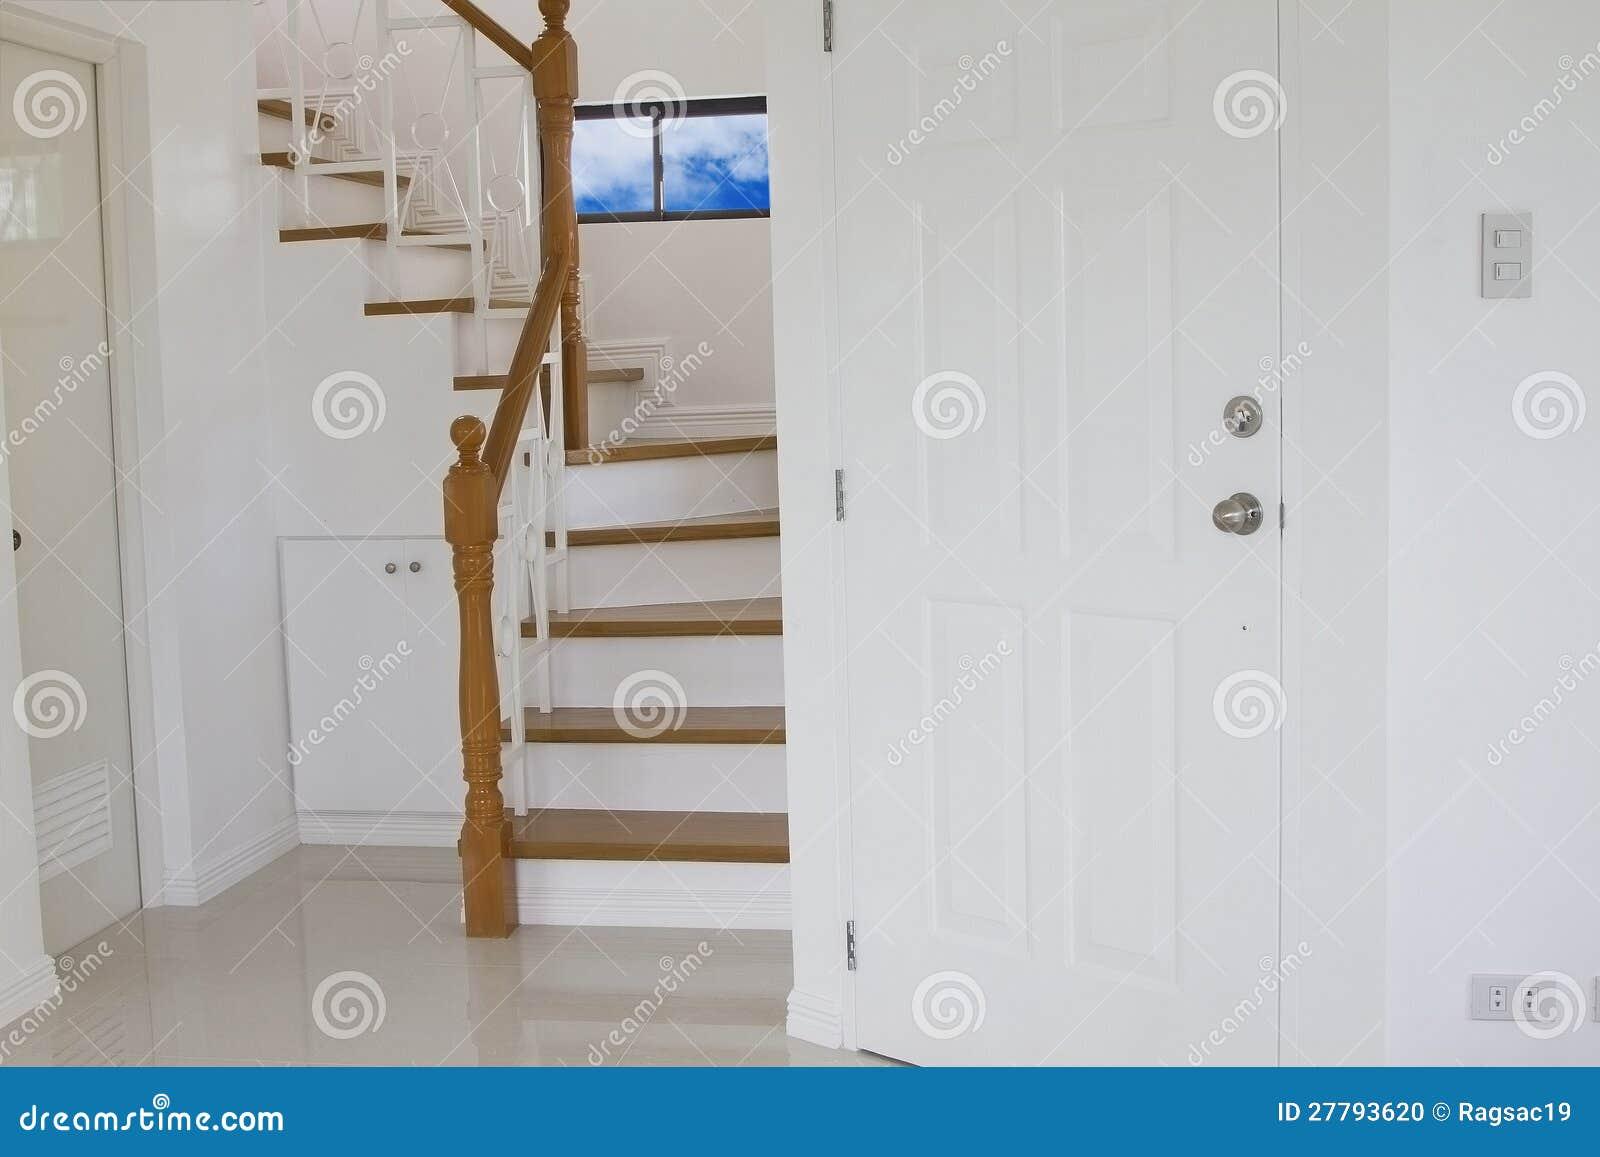 Escaleras de madera interiores foto de archivo imagen - Escaleras madera interior ...